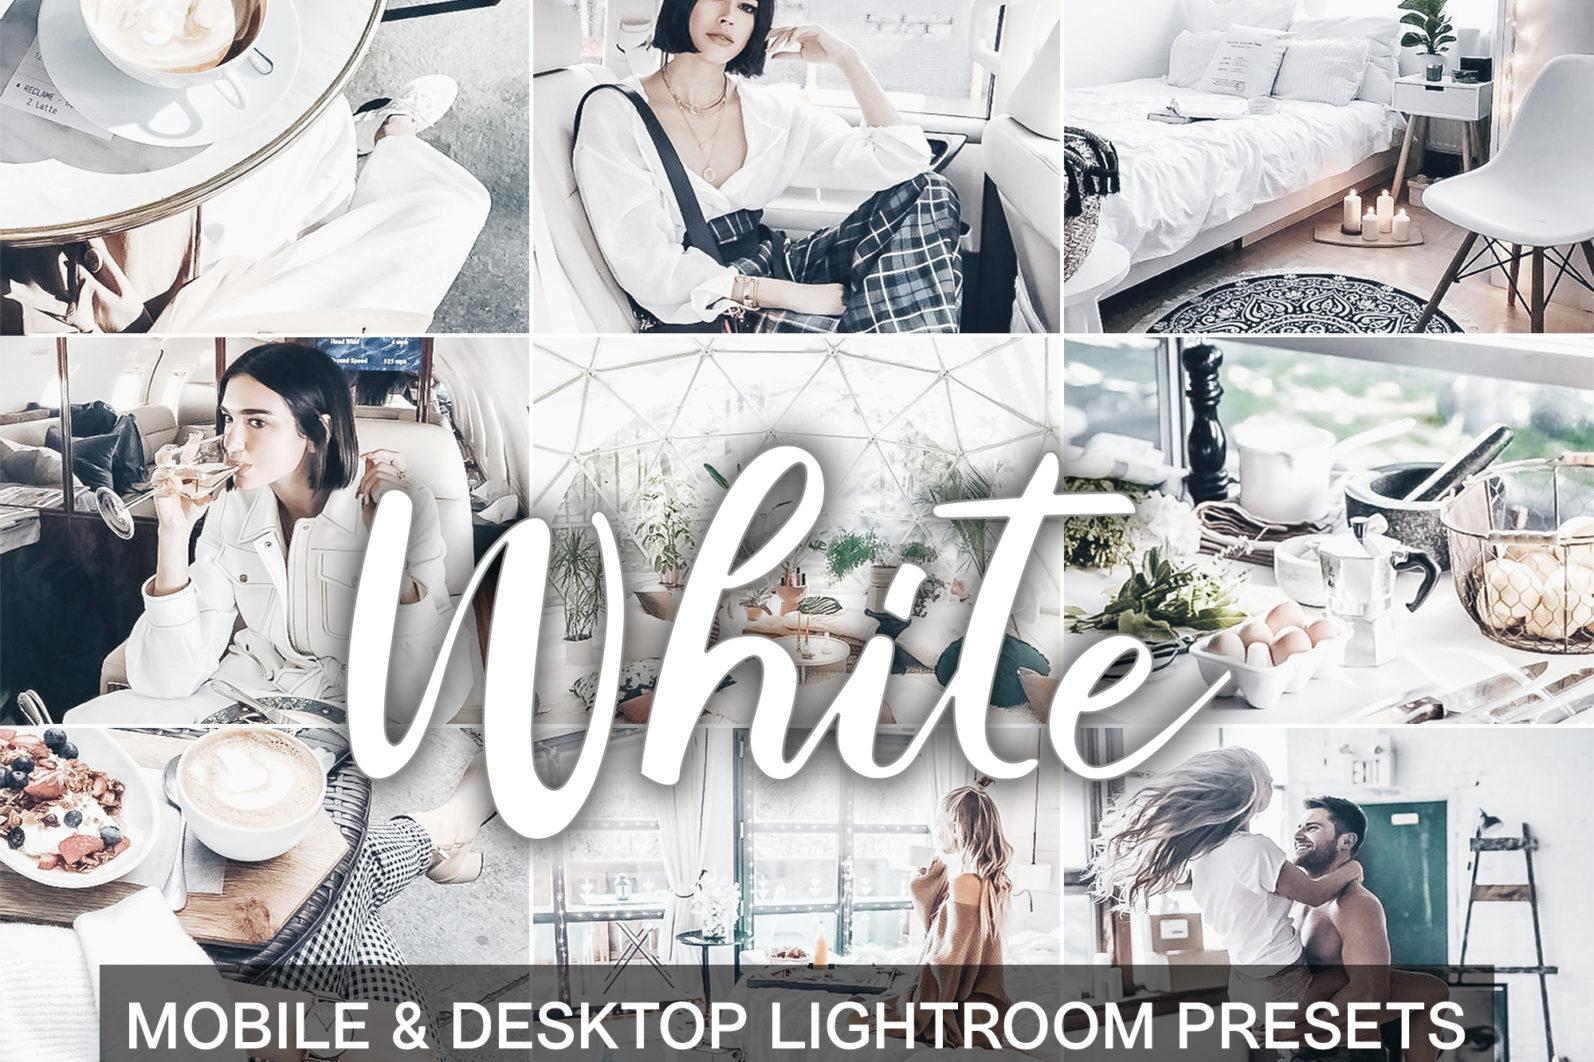 BEST SELLER ⭐️ 7 Mobile & Desktop Lightroom Presets WHITE Instagram Filter - Mobile desktop lightroom presets cover product White -